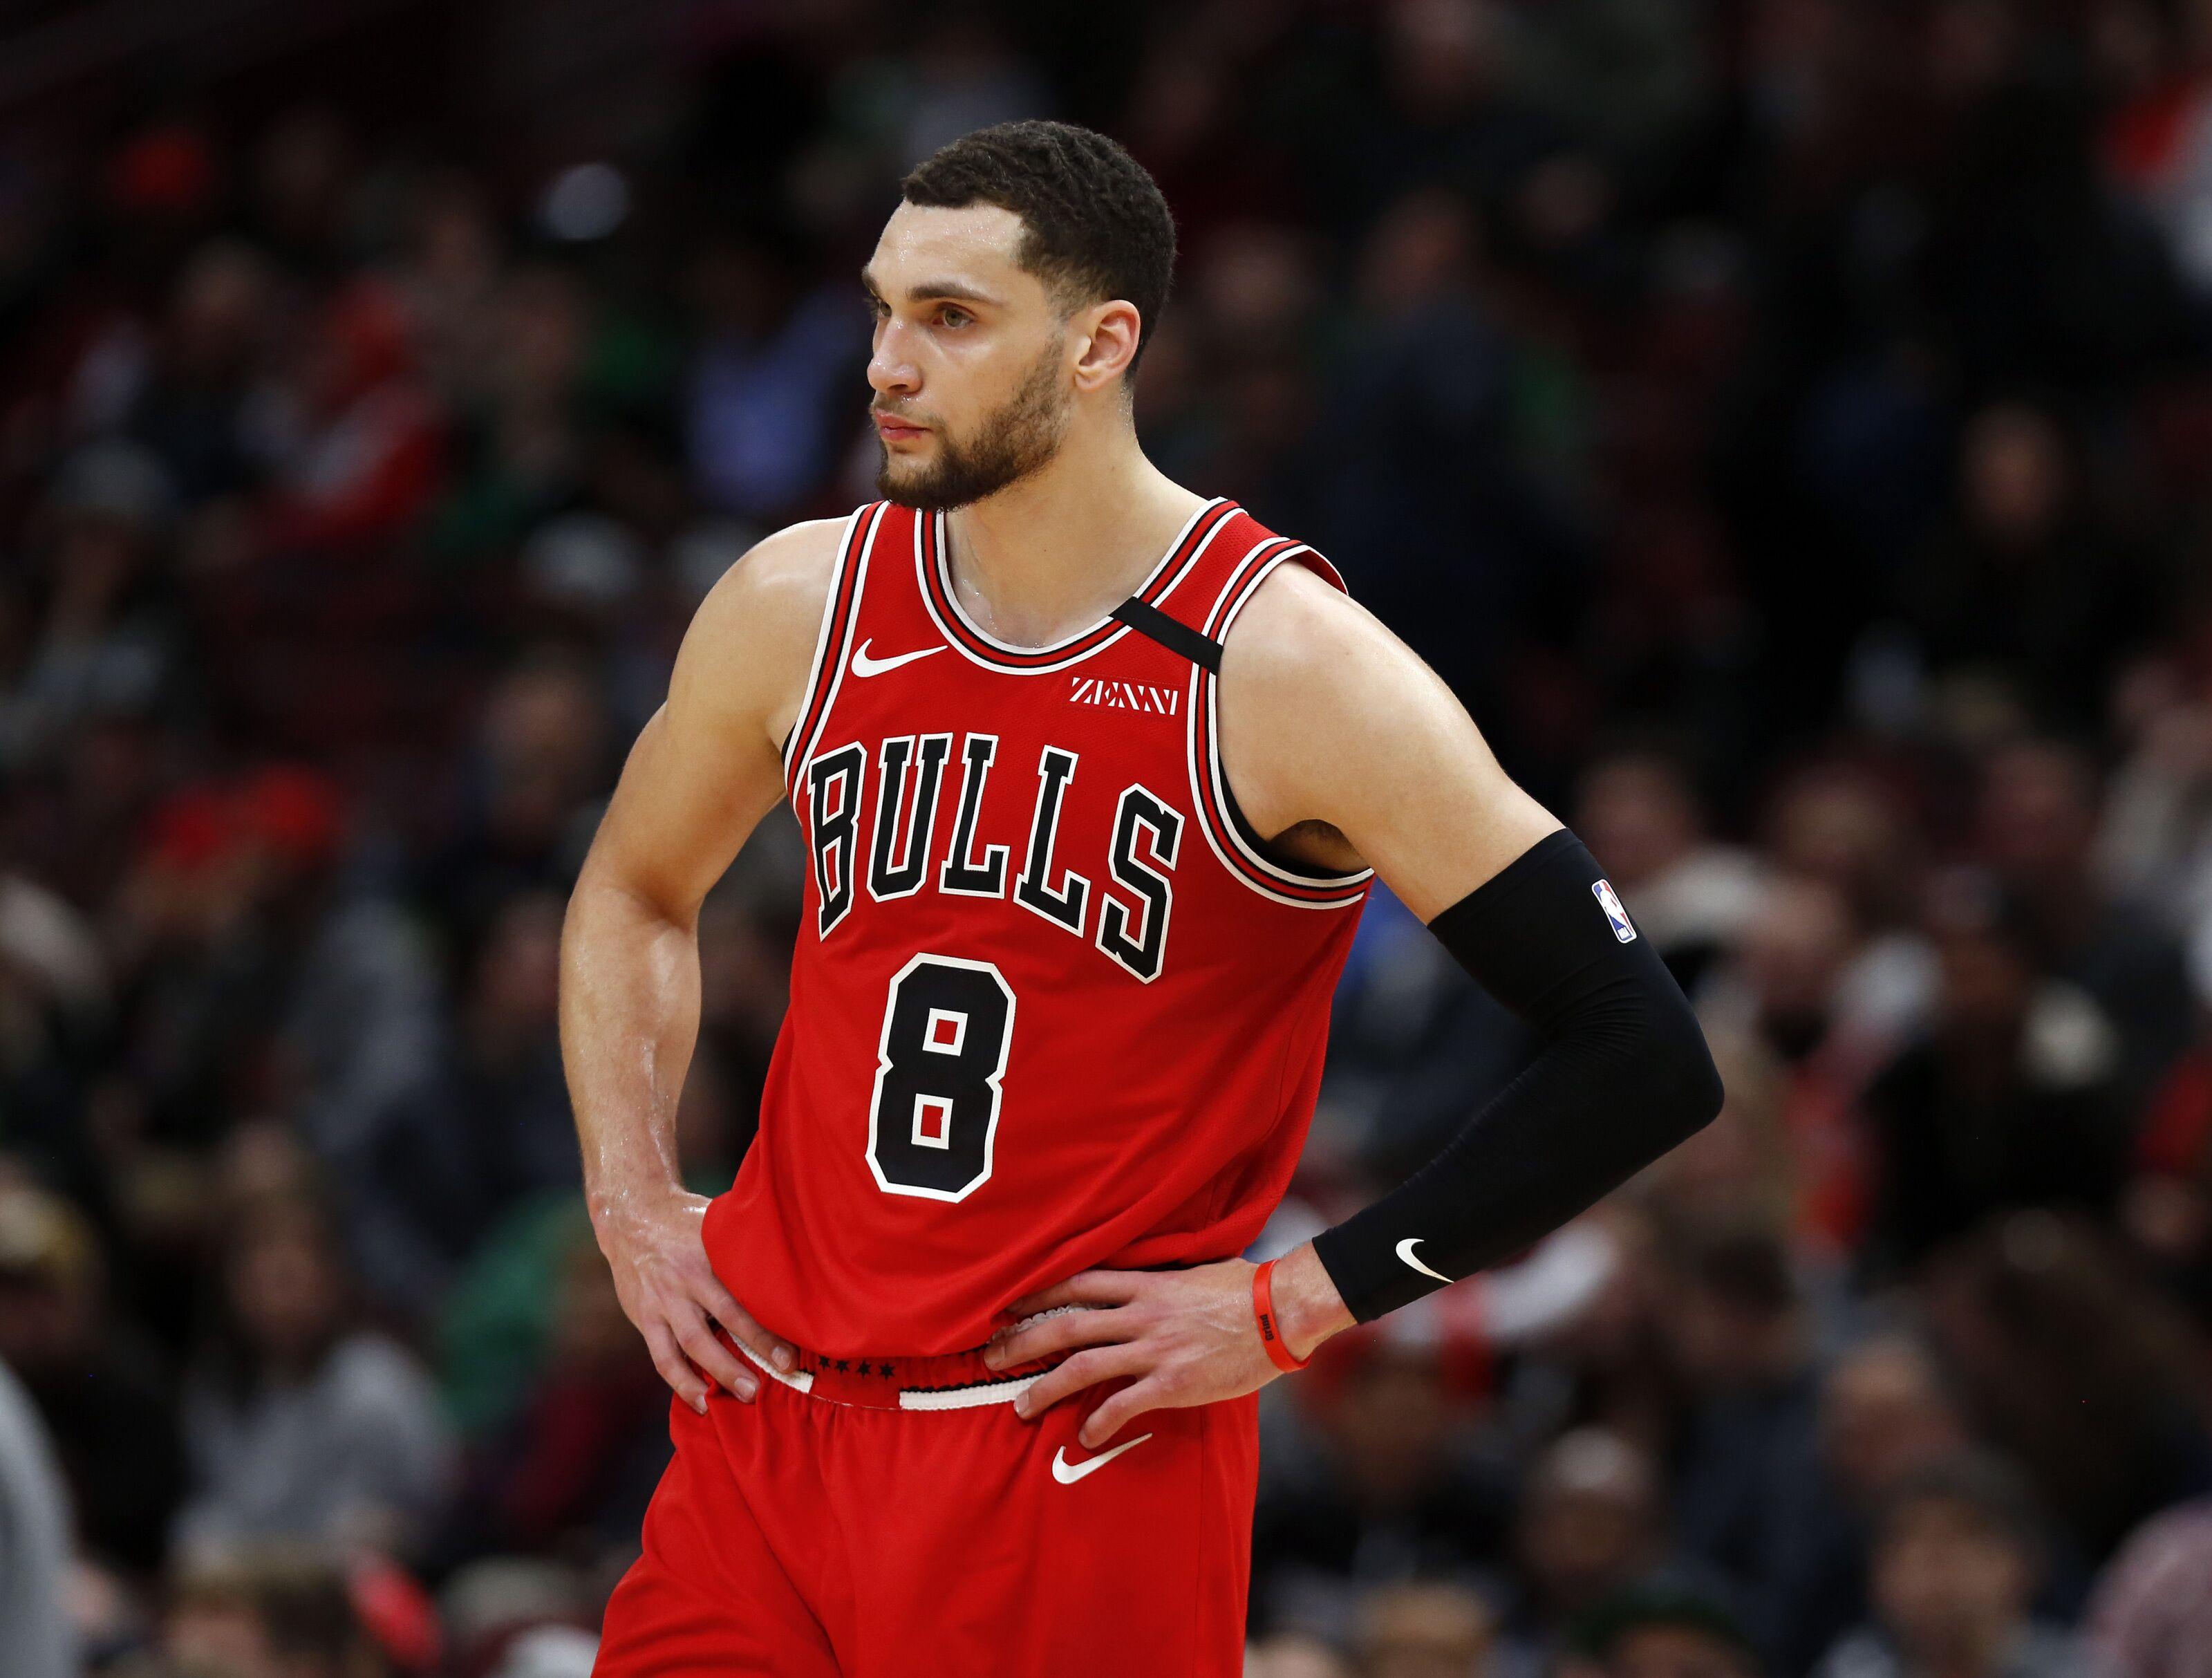 Chicago Bulls: 3 post All-Star break hopes to finish the season